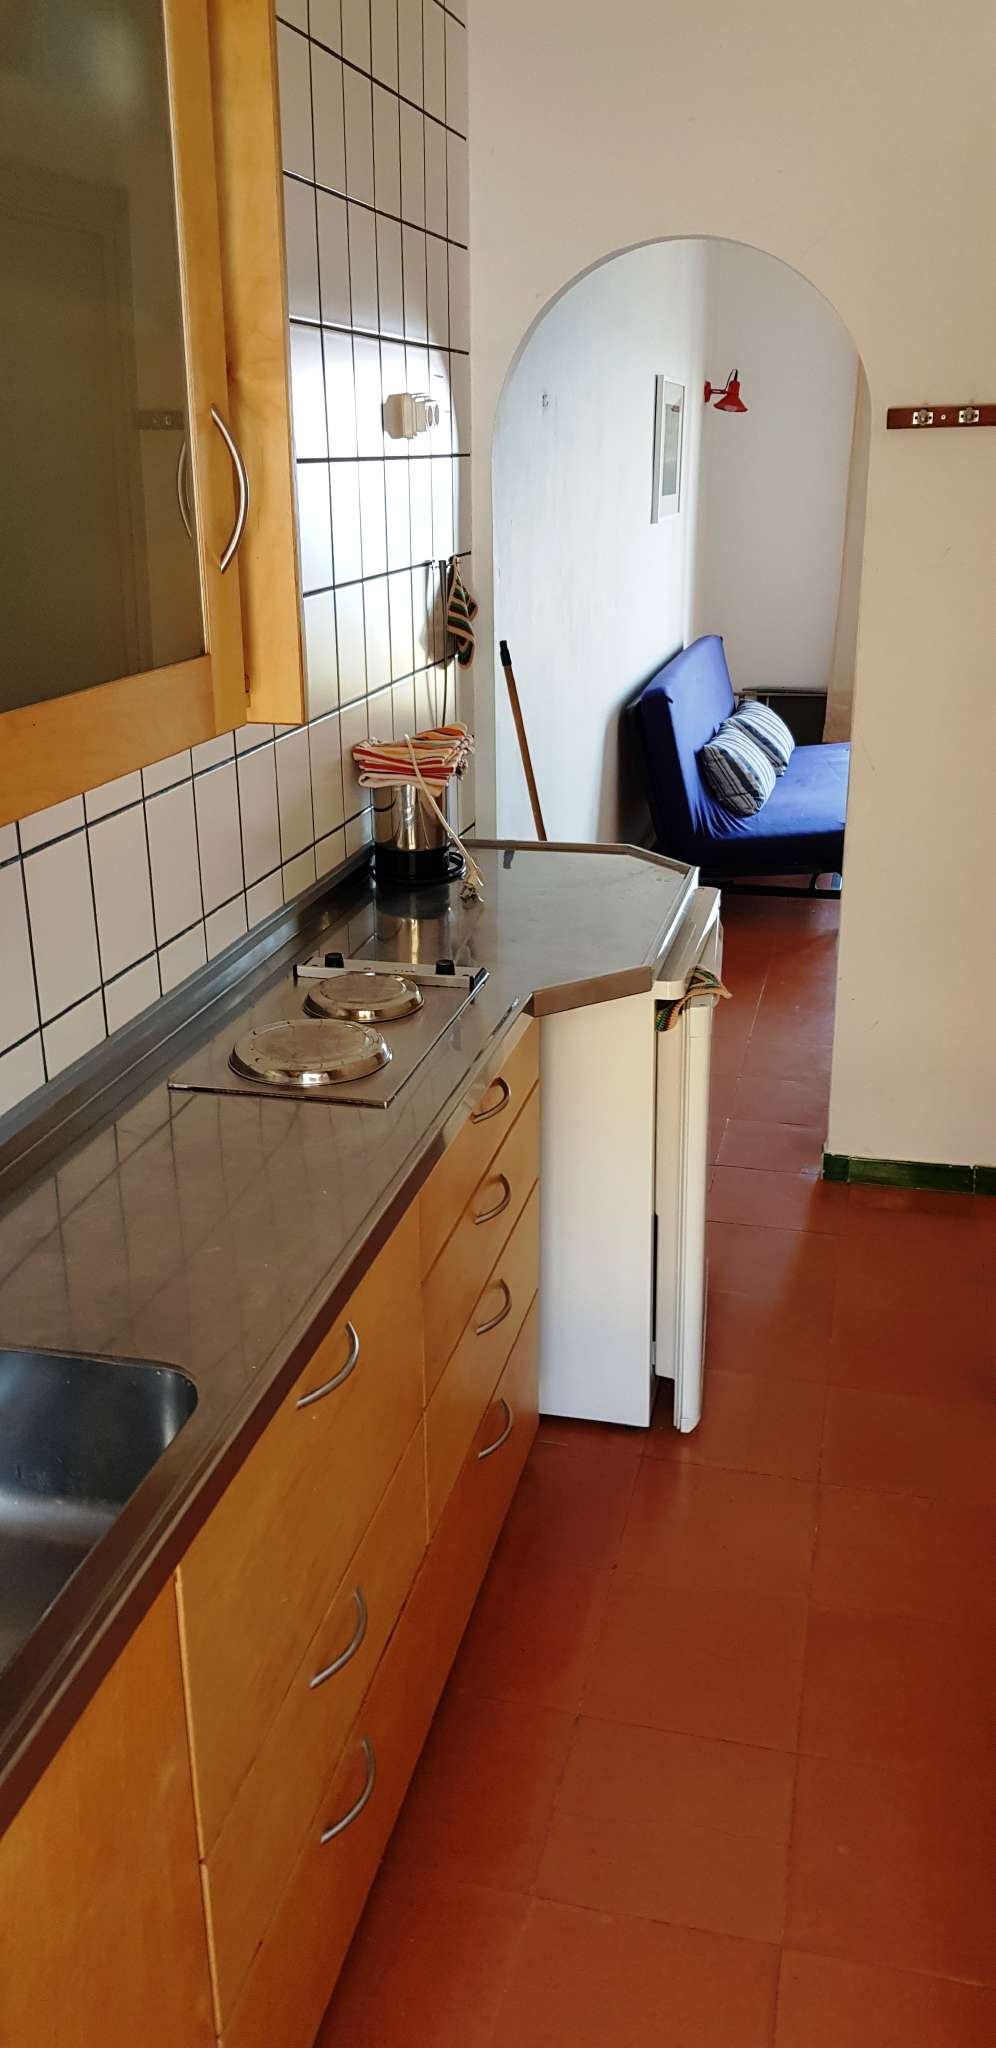 Wohnzimmer, Küchenzeile im Hintergrund